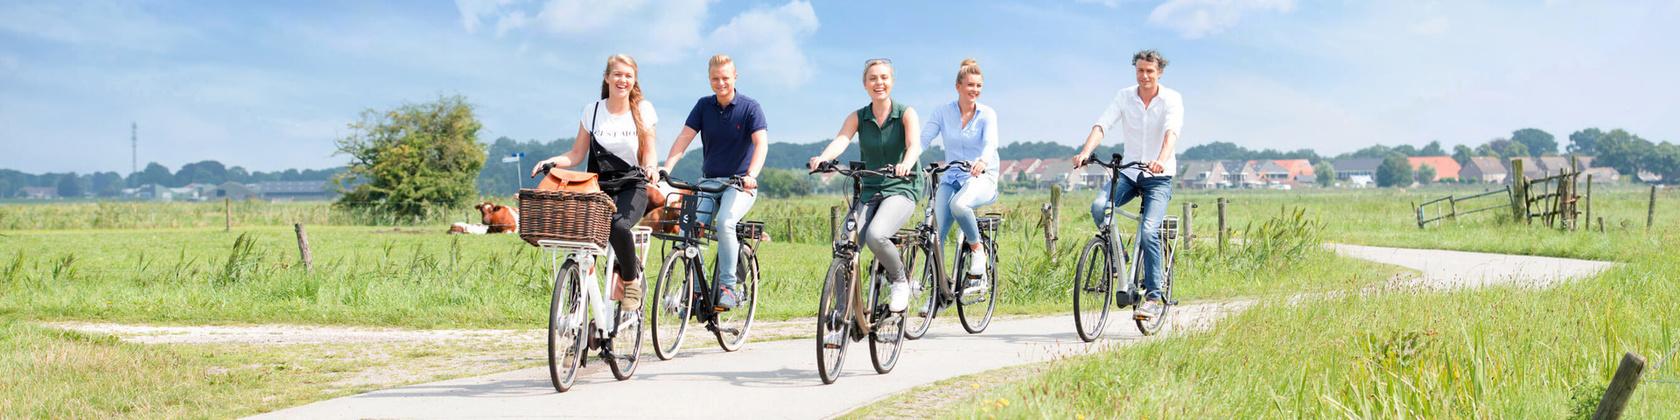 Elektrische fiets kopen: waar moet je op letten?